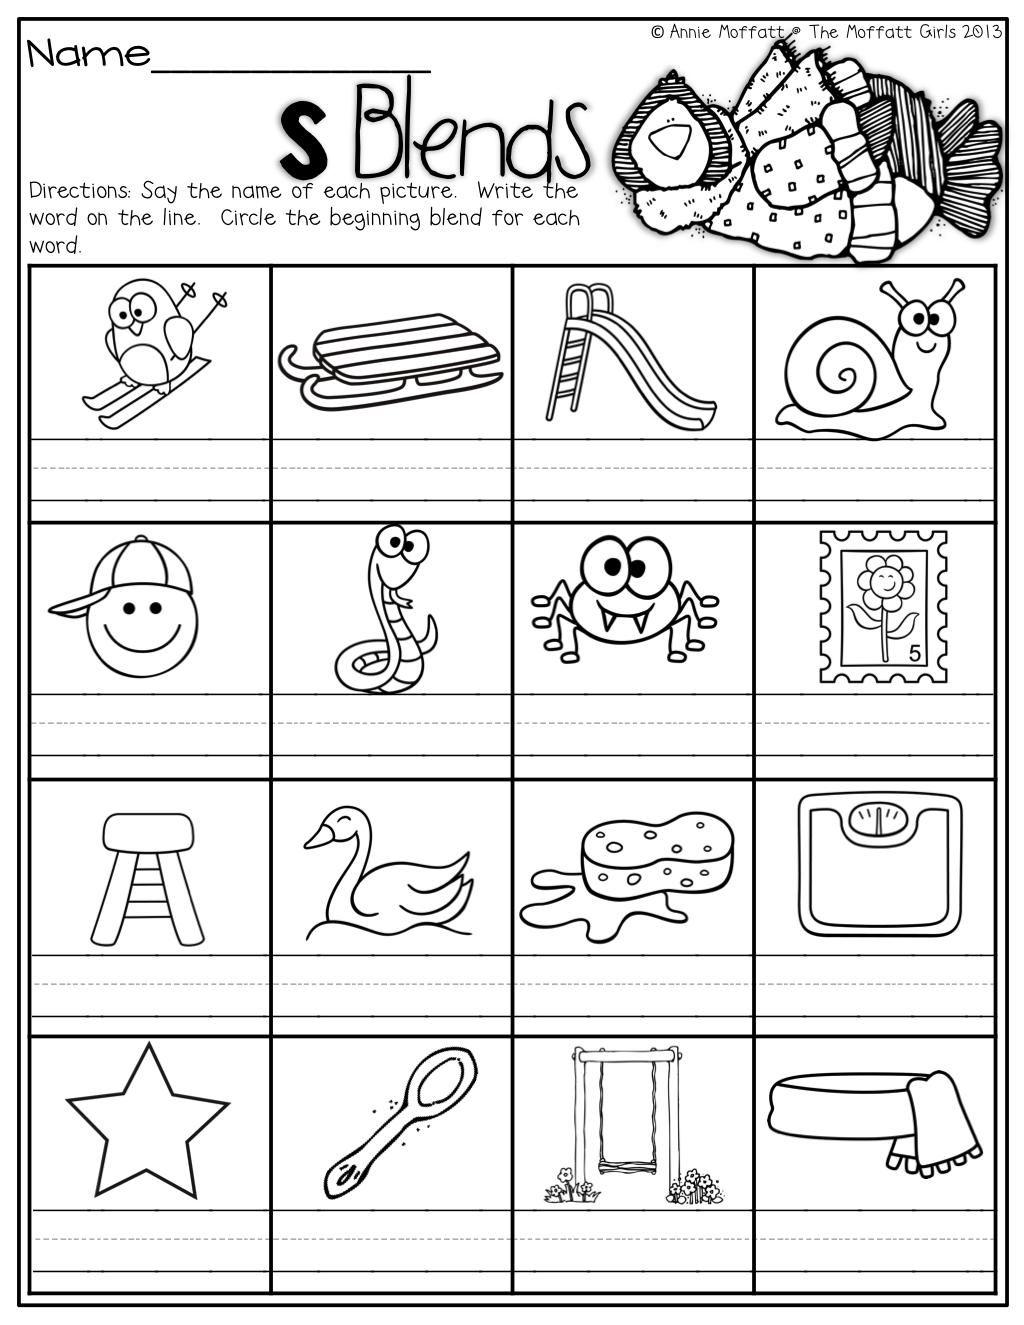 16 Printable Worksheets Blending Sounds Blends Worksheets Phonics Worksheets Phonics Blends [ 1325 x 1024 Pixel ]